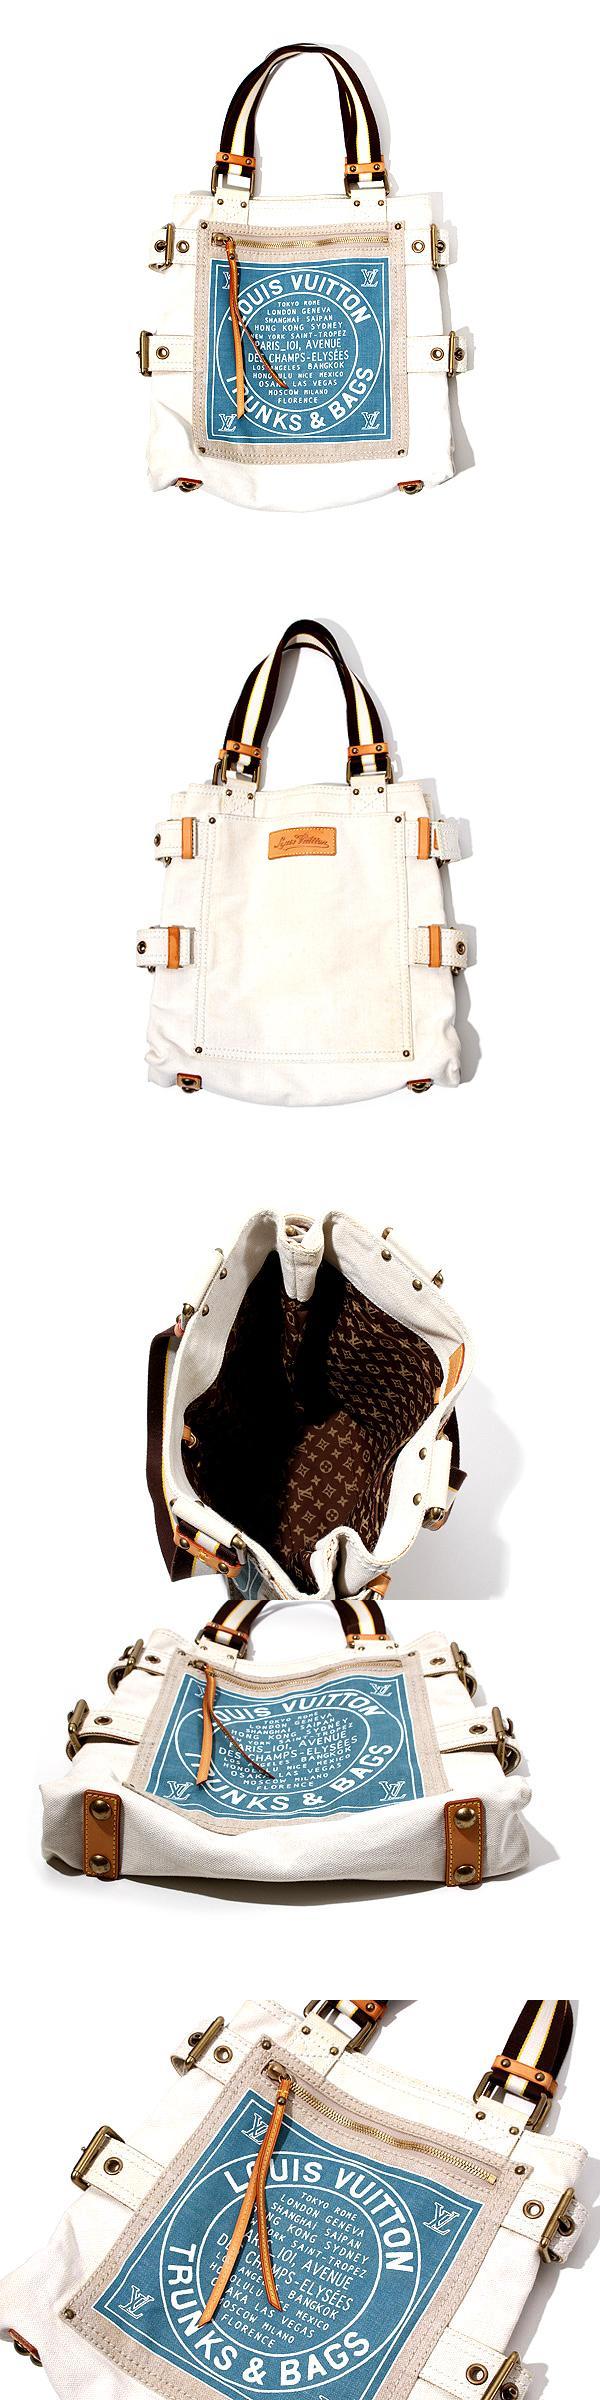 LOUIS VUITTON ルイヴィトン クルーズライン グローブショッパーMM 青 M95114 キャンバス トートバッグ ハンドバッグ/●